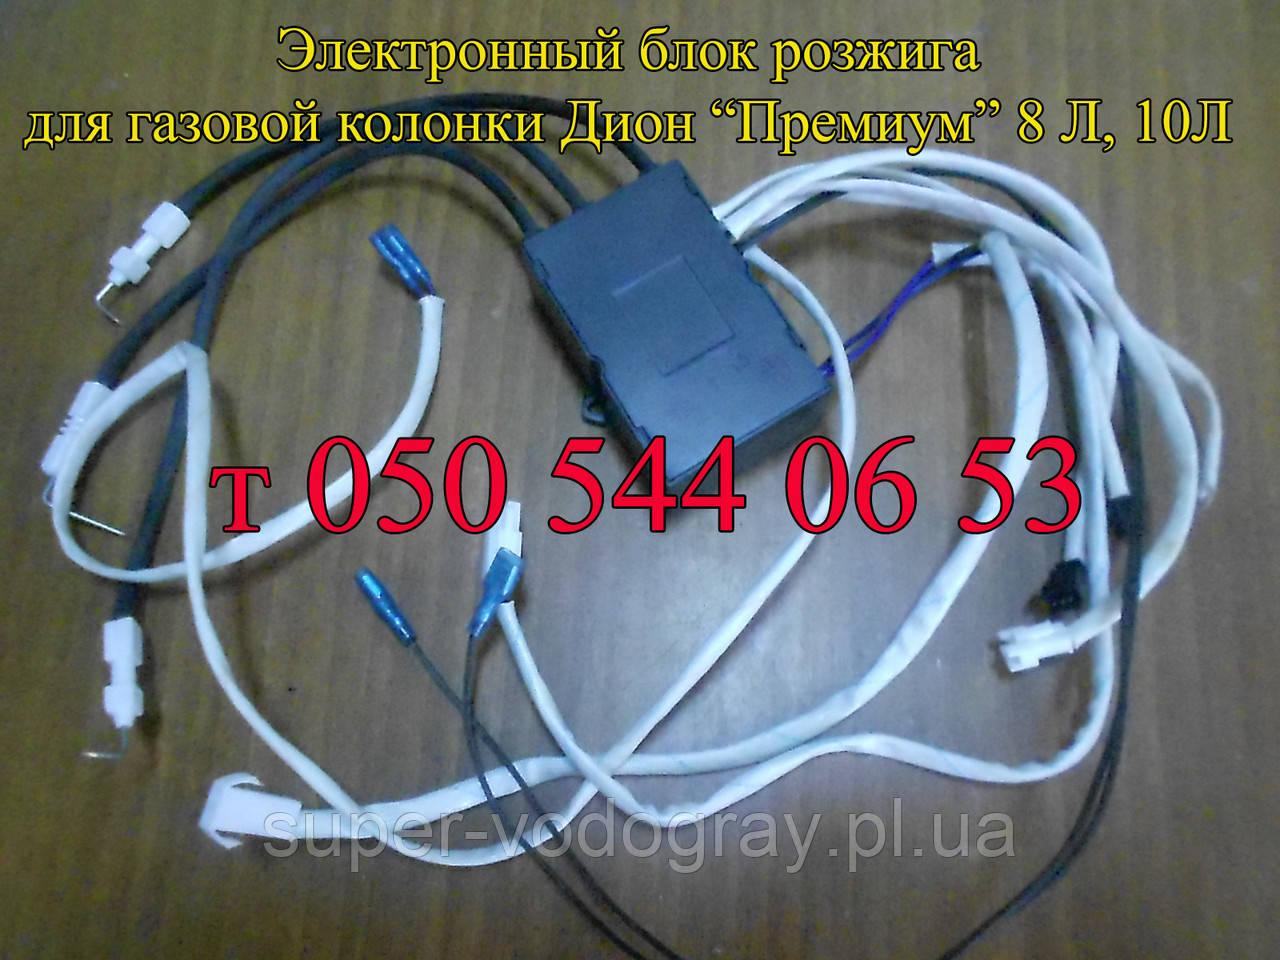 """Электронный блок розжига для газовой колонки Дион """"Премиум"""""""